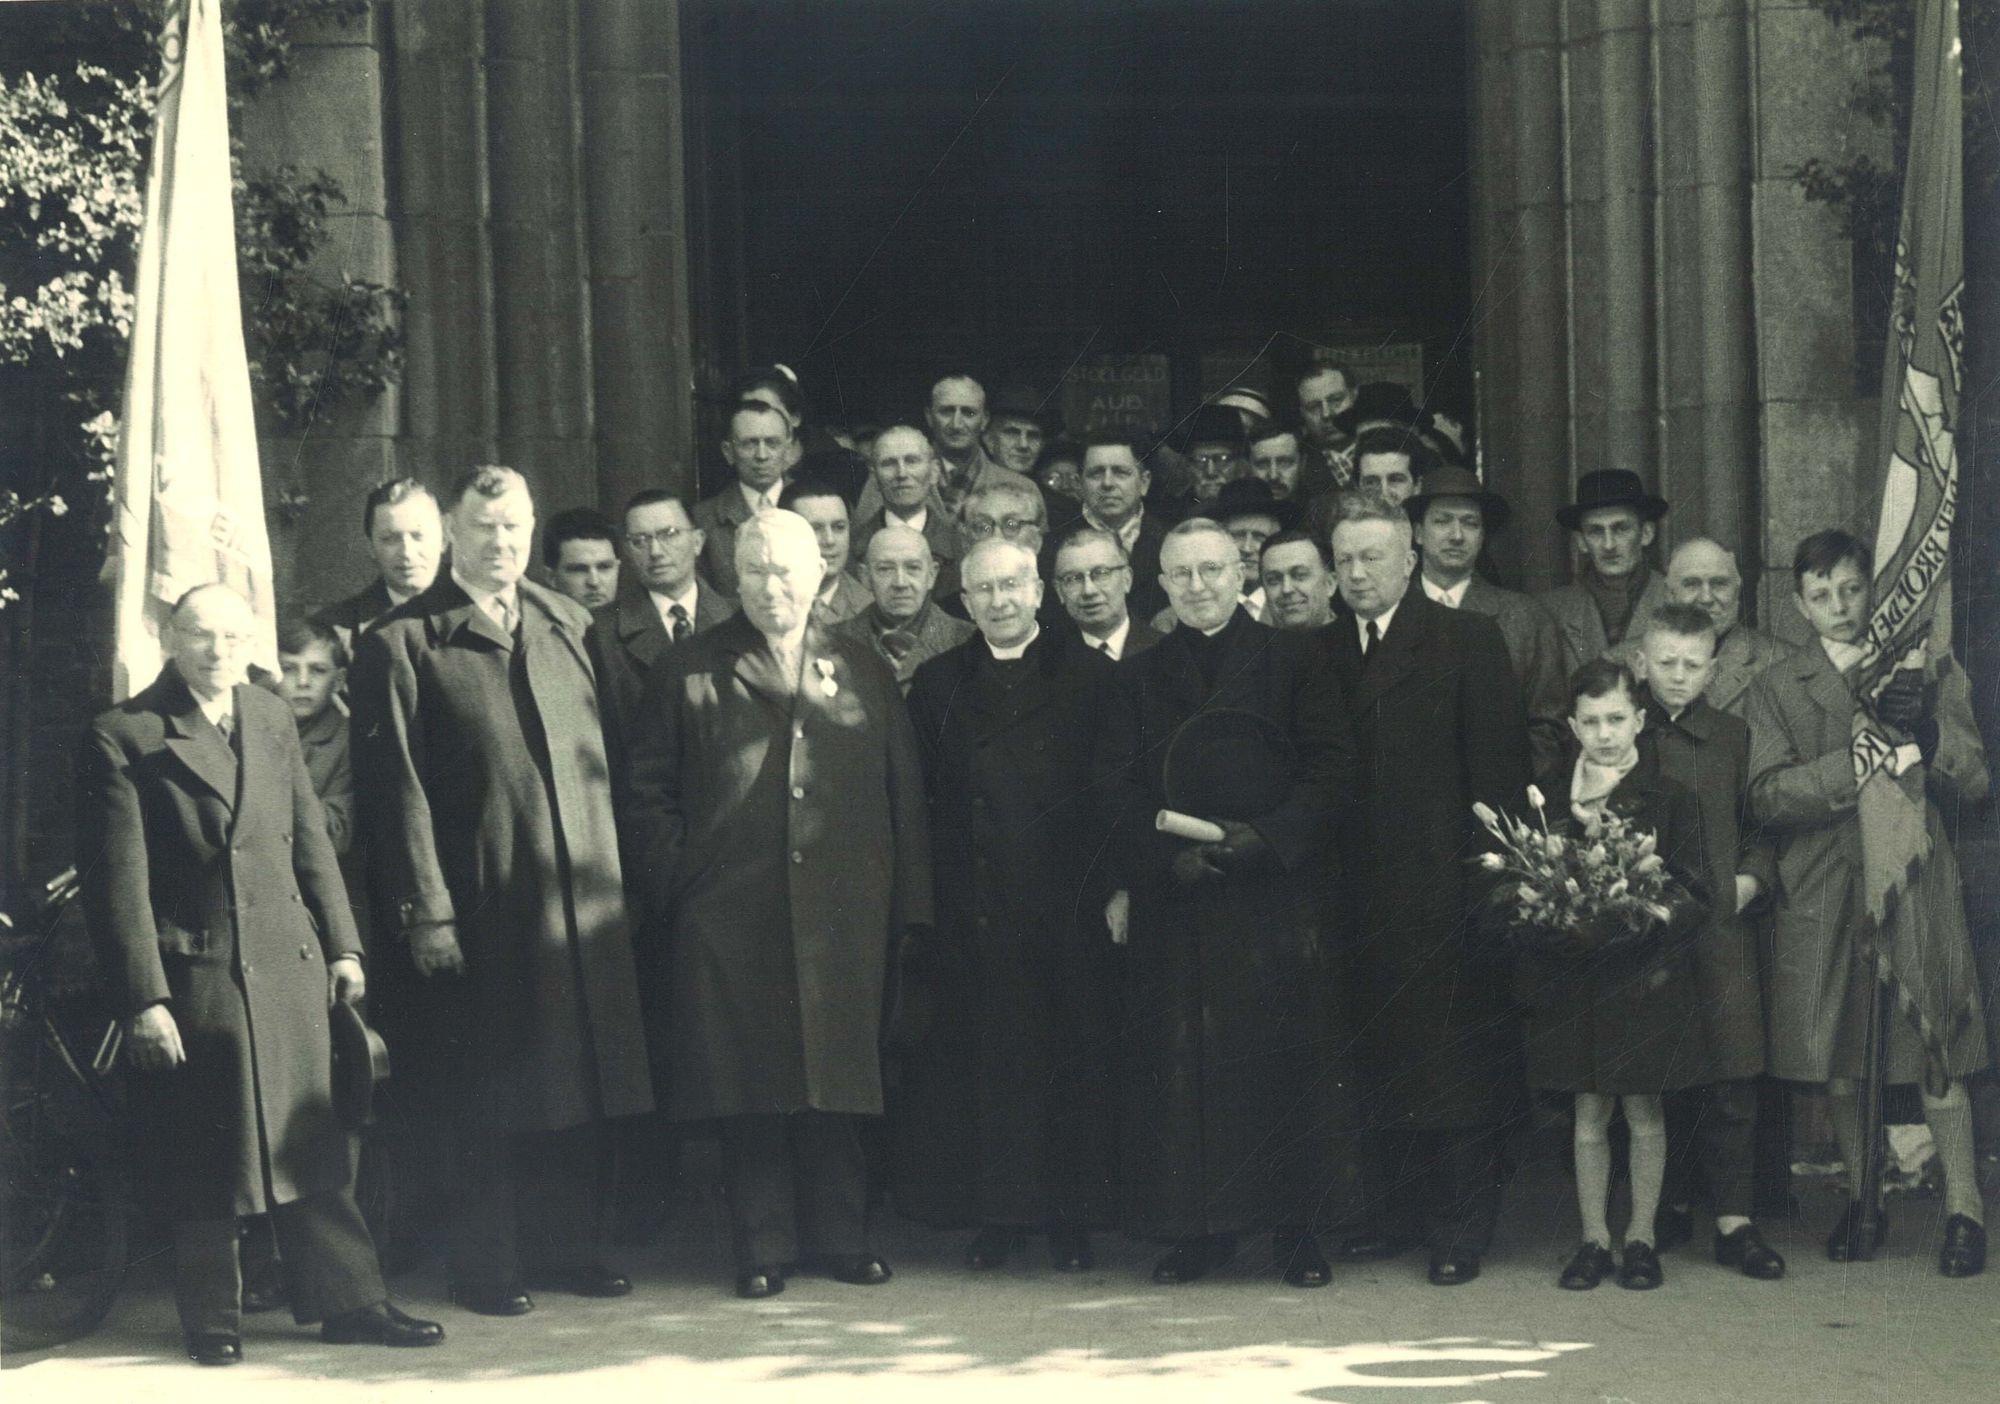 Misviering Albert De Caluwé in de Sint-Elooiskerk